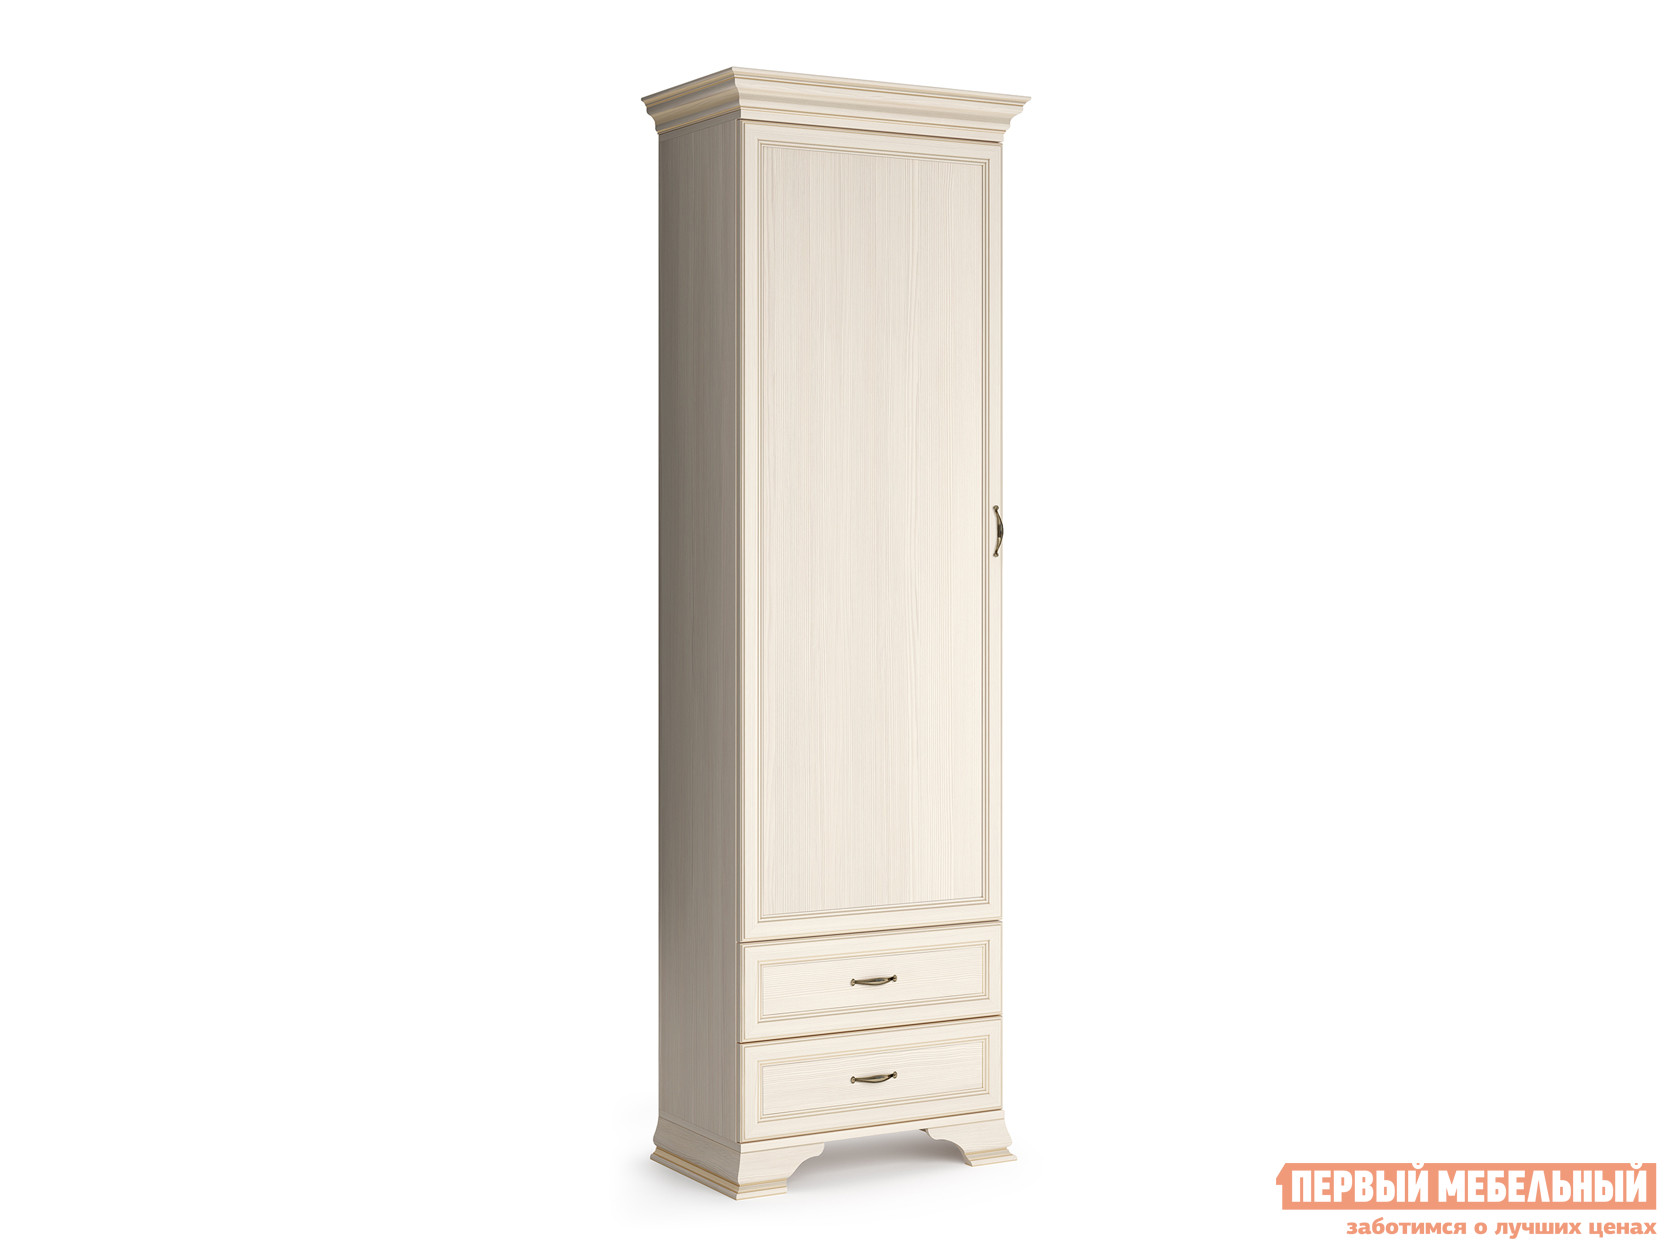 Распашной шкаф  - пенал Сиена Бодега белый, патина золото КУРАЖ 95801